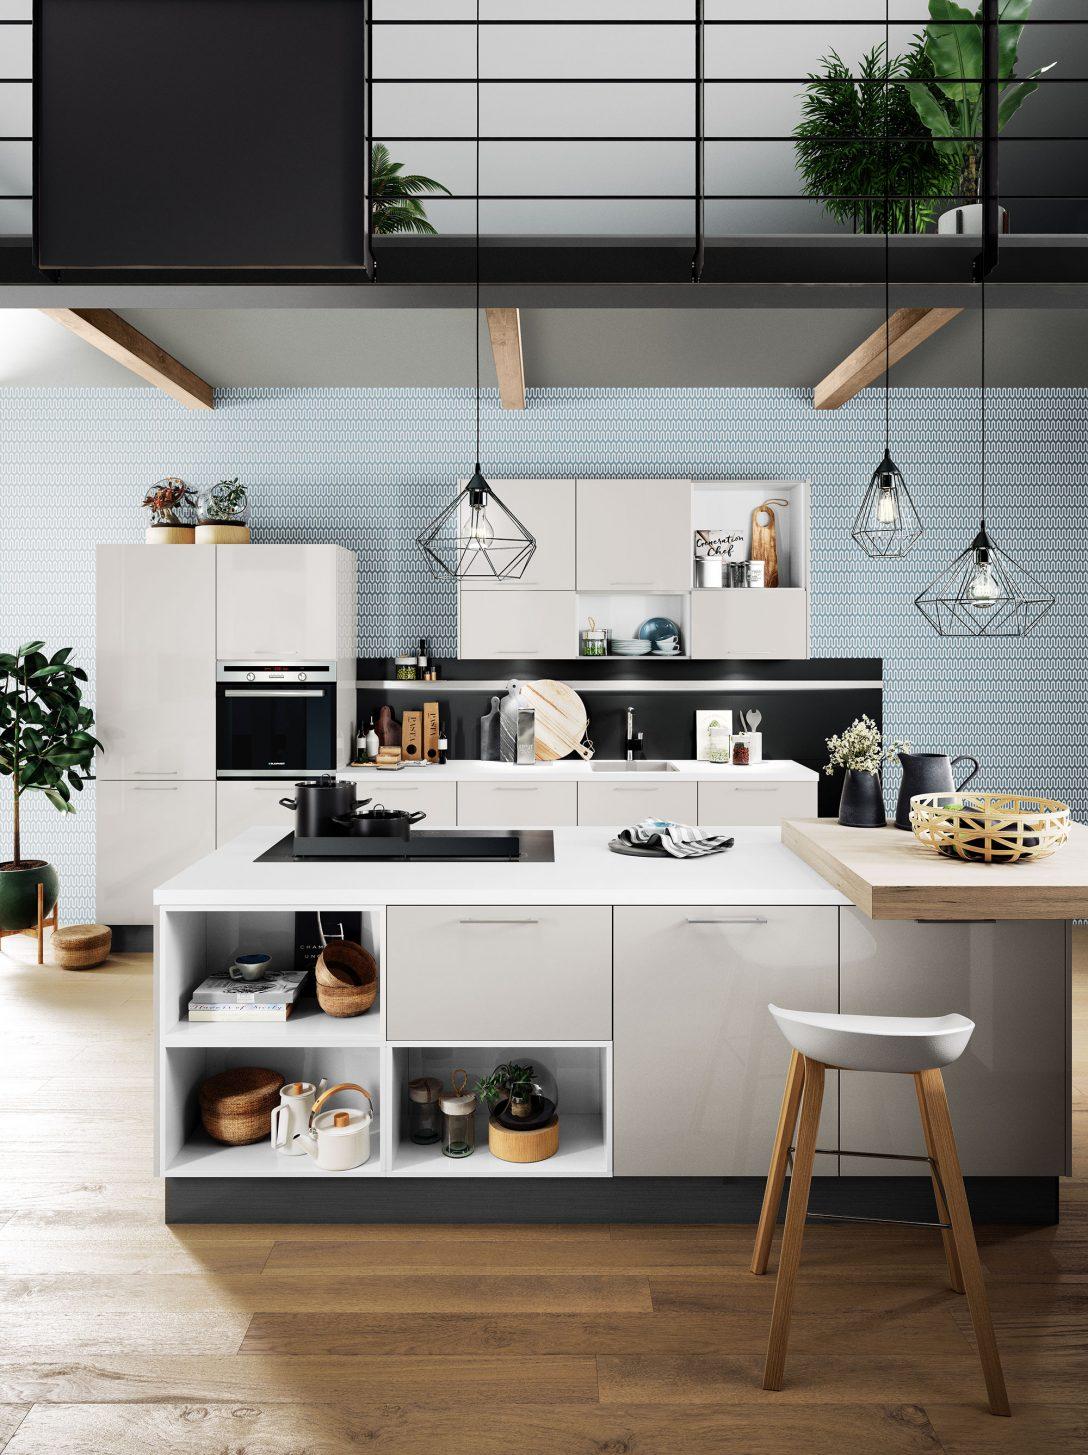 Large Size of Küche Finanzieren Sinnvoll Küche Finanzieren Laufzeit Küche Finanzieren 0 Prozent Ikea Küche Finanzieren Küche Küche Finanzieren